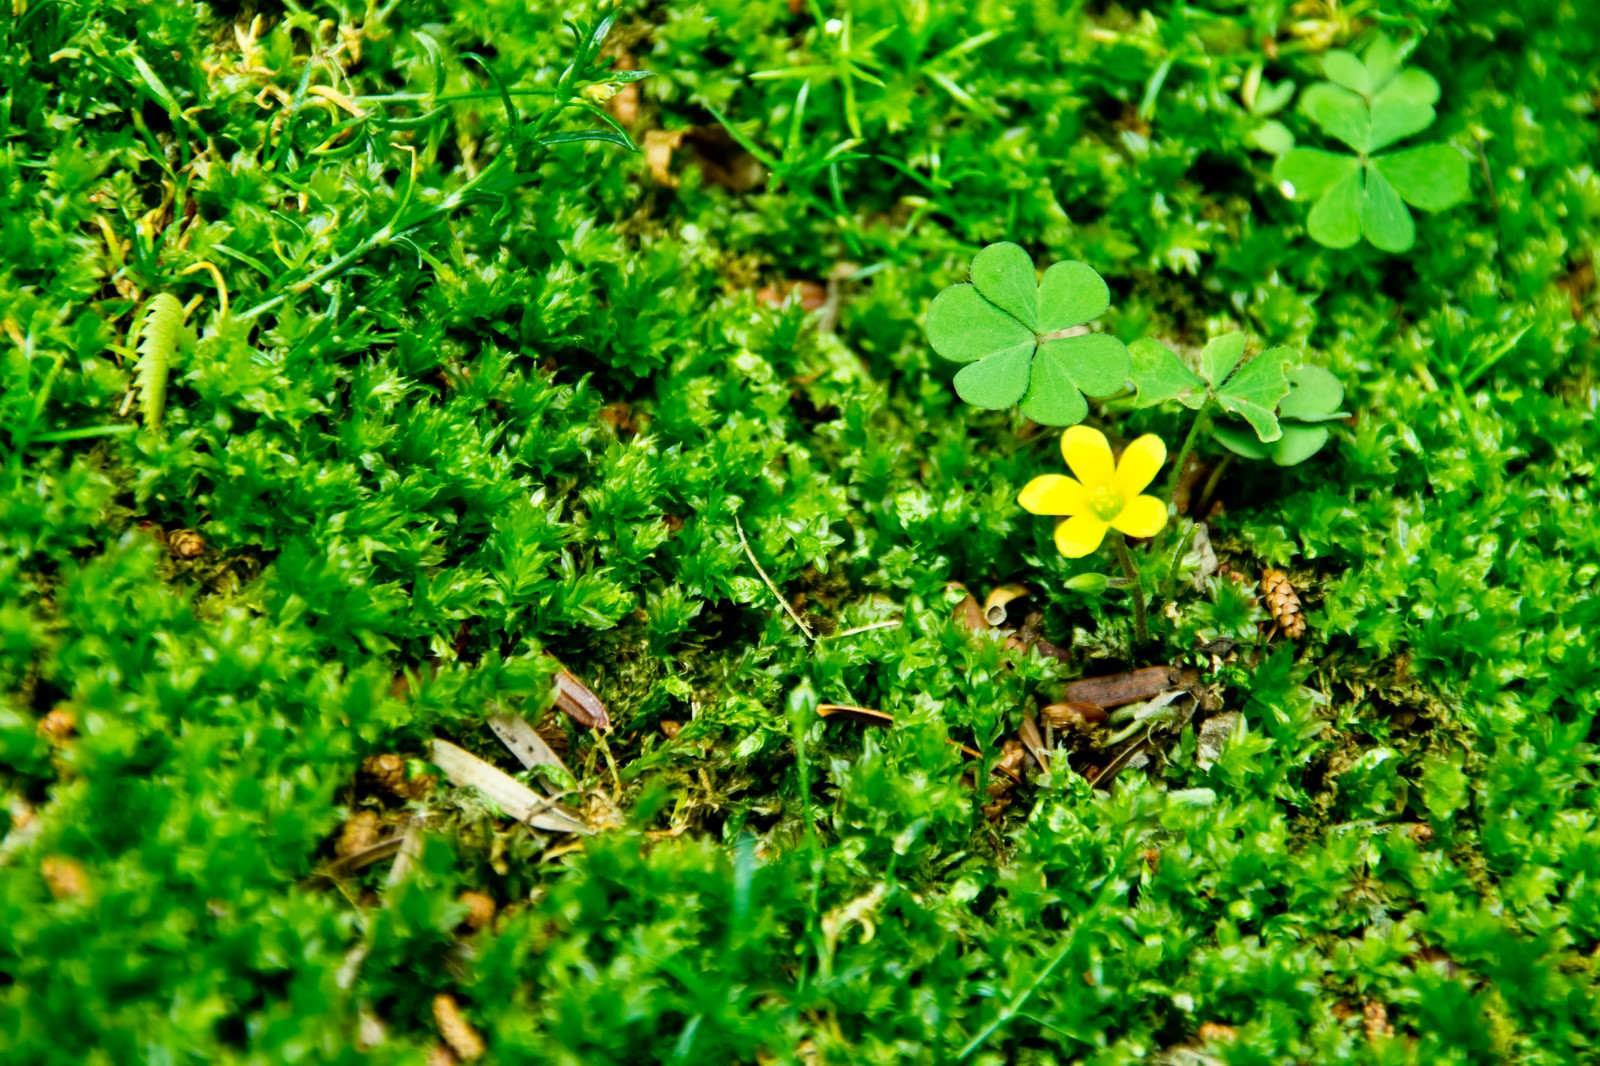 「緑の中の黄色い花」の写真